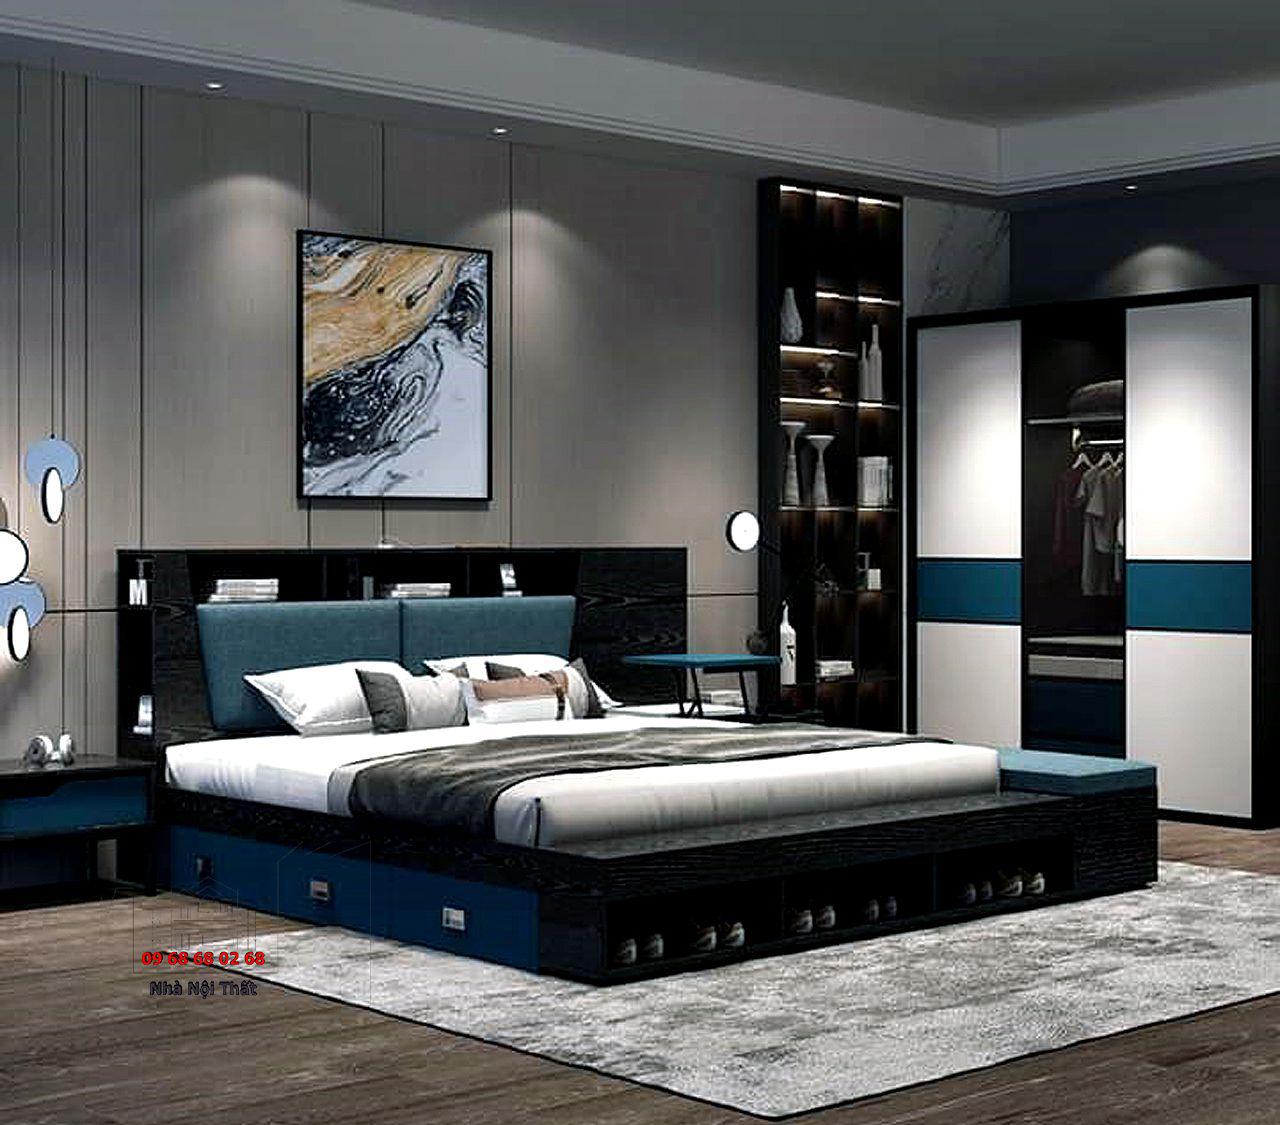 giường ngủ gỗ công nghiệp 005